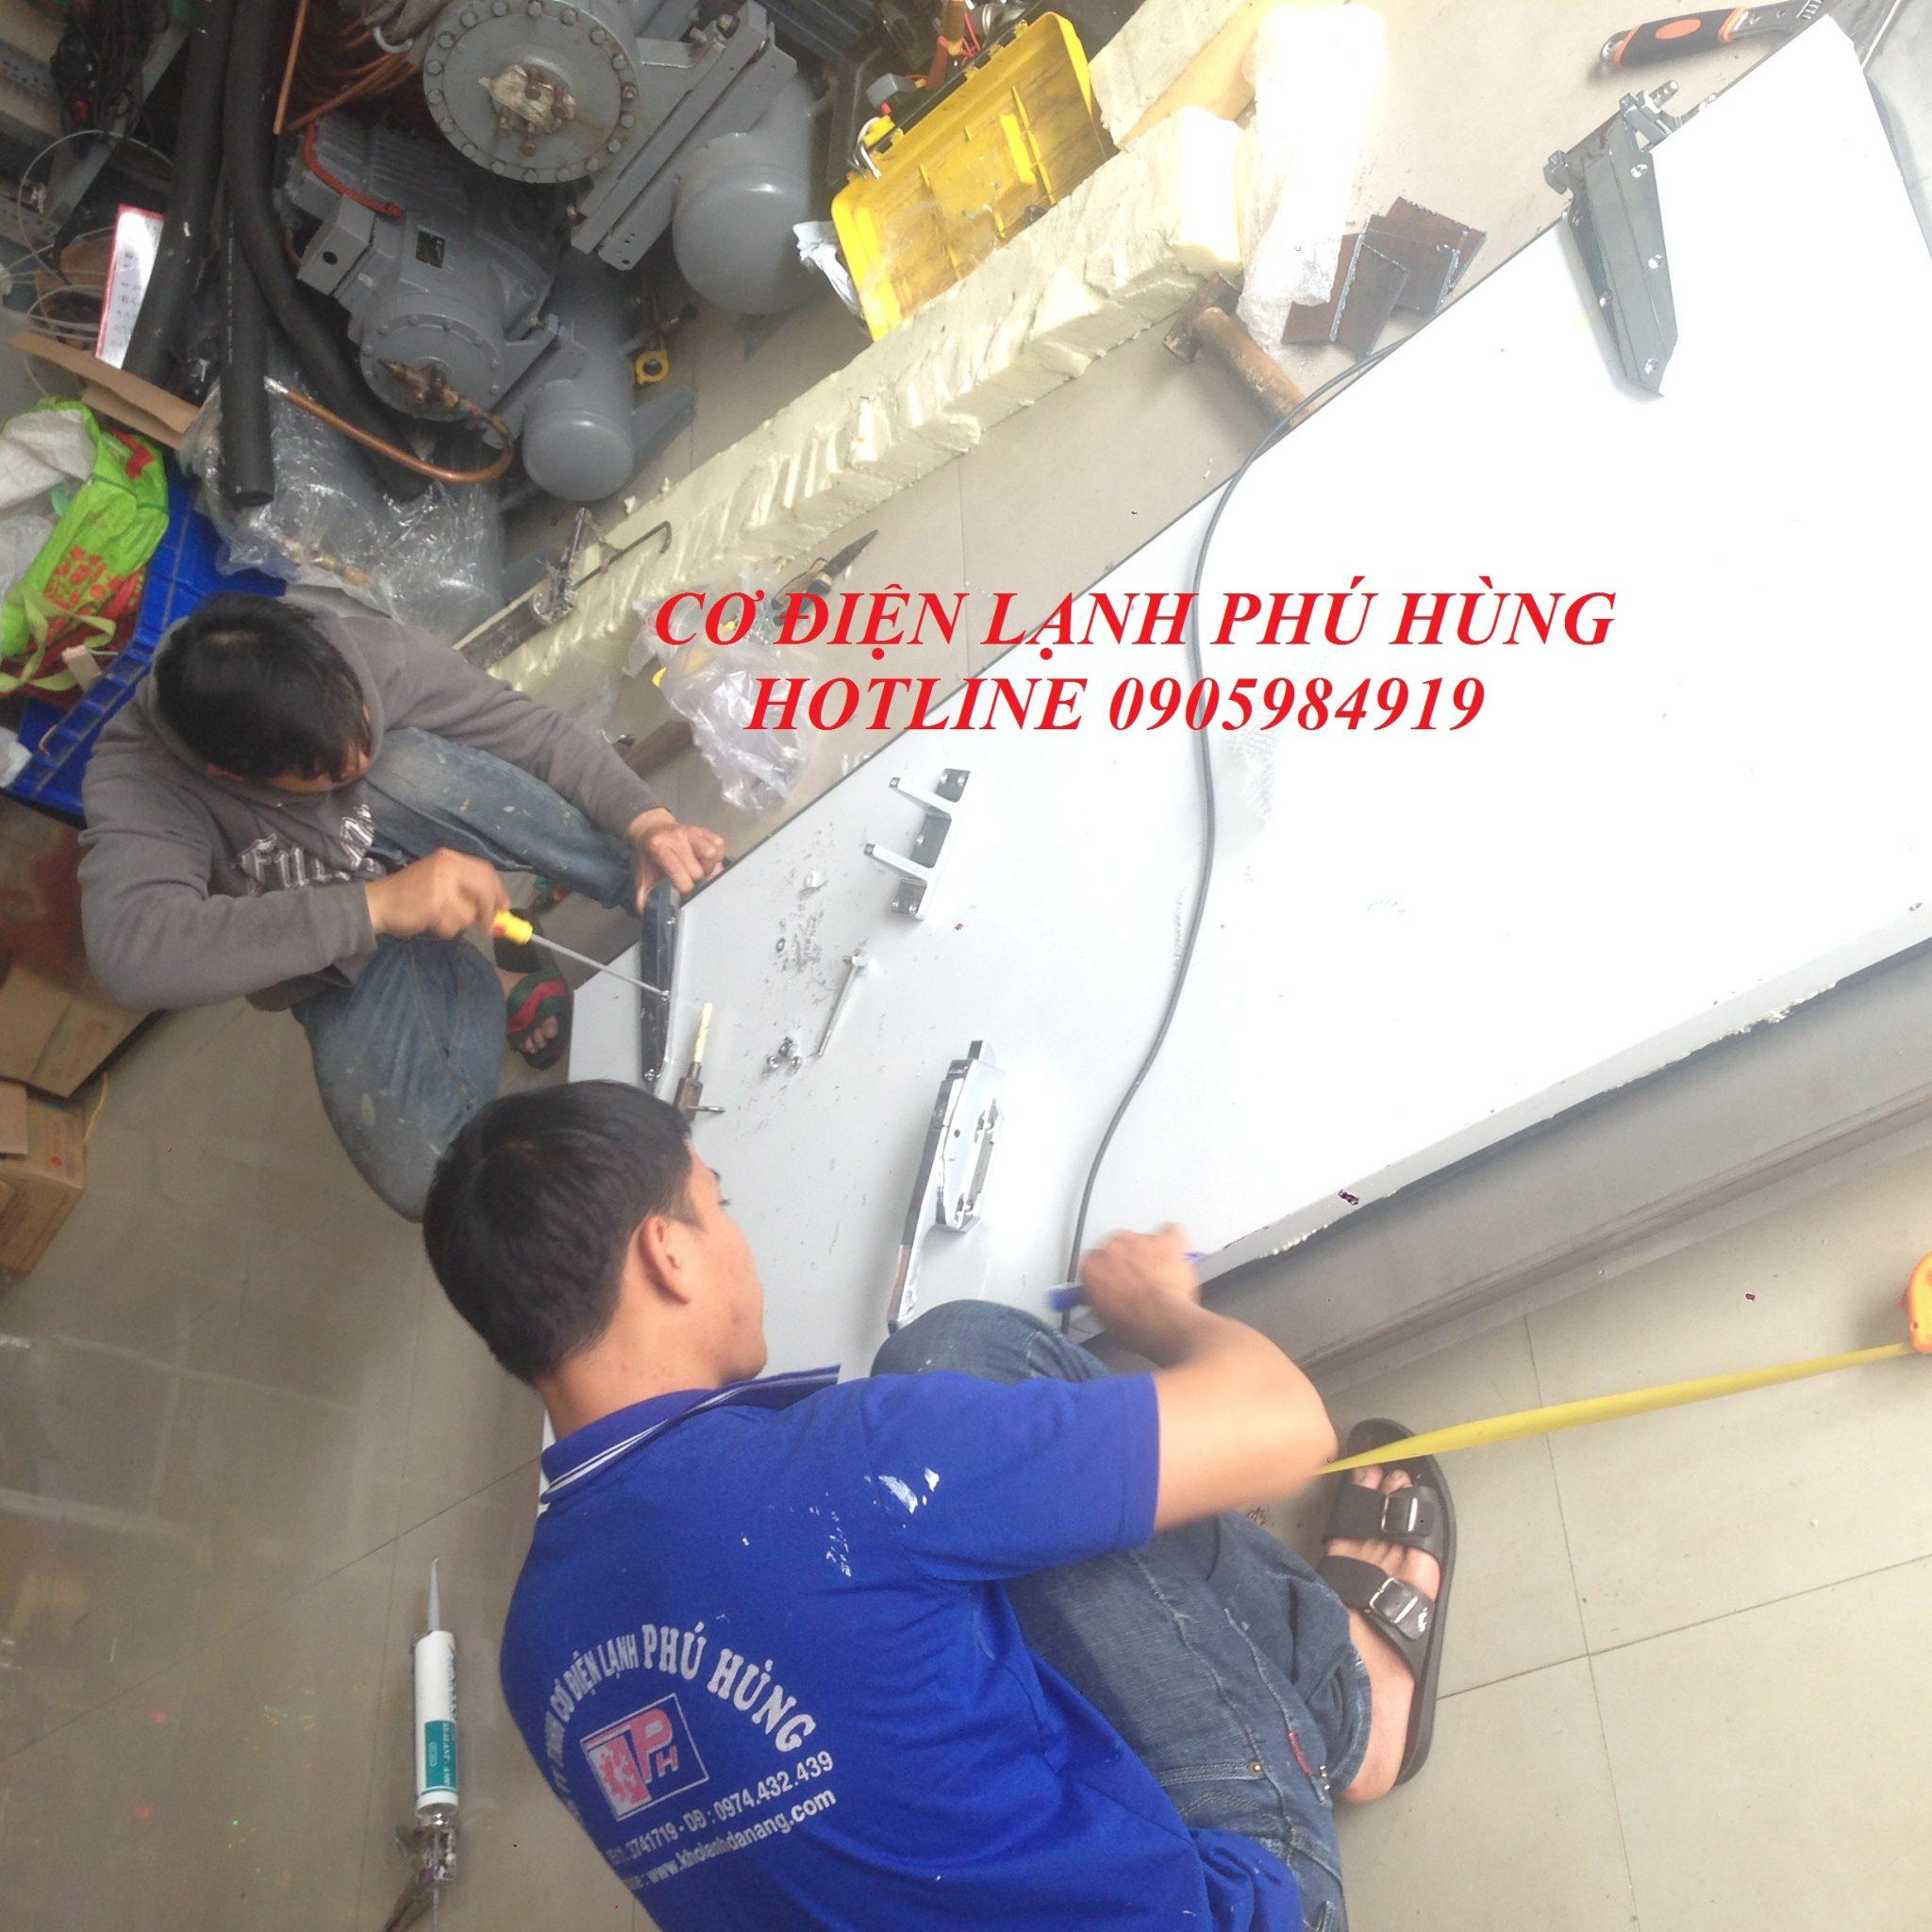 1 1 - Cung cấp cửa cách nhiệt kho lạnh tại Đà Nẵng